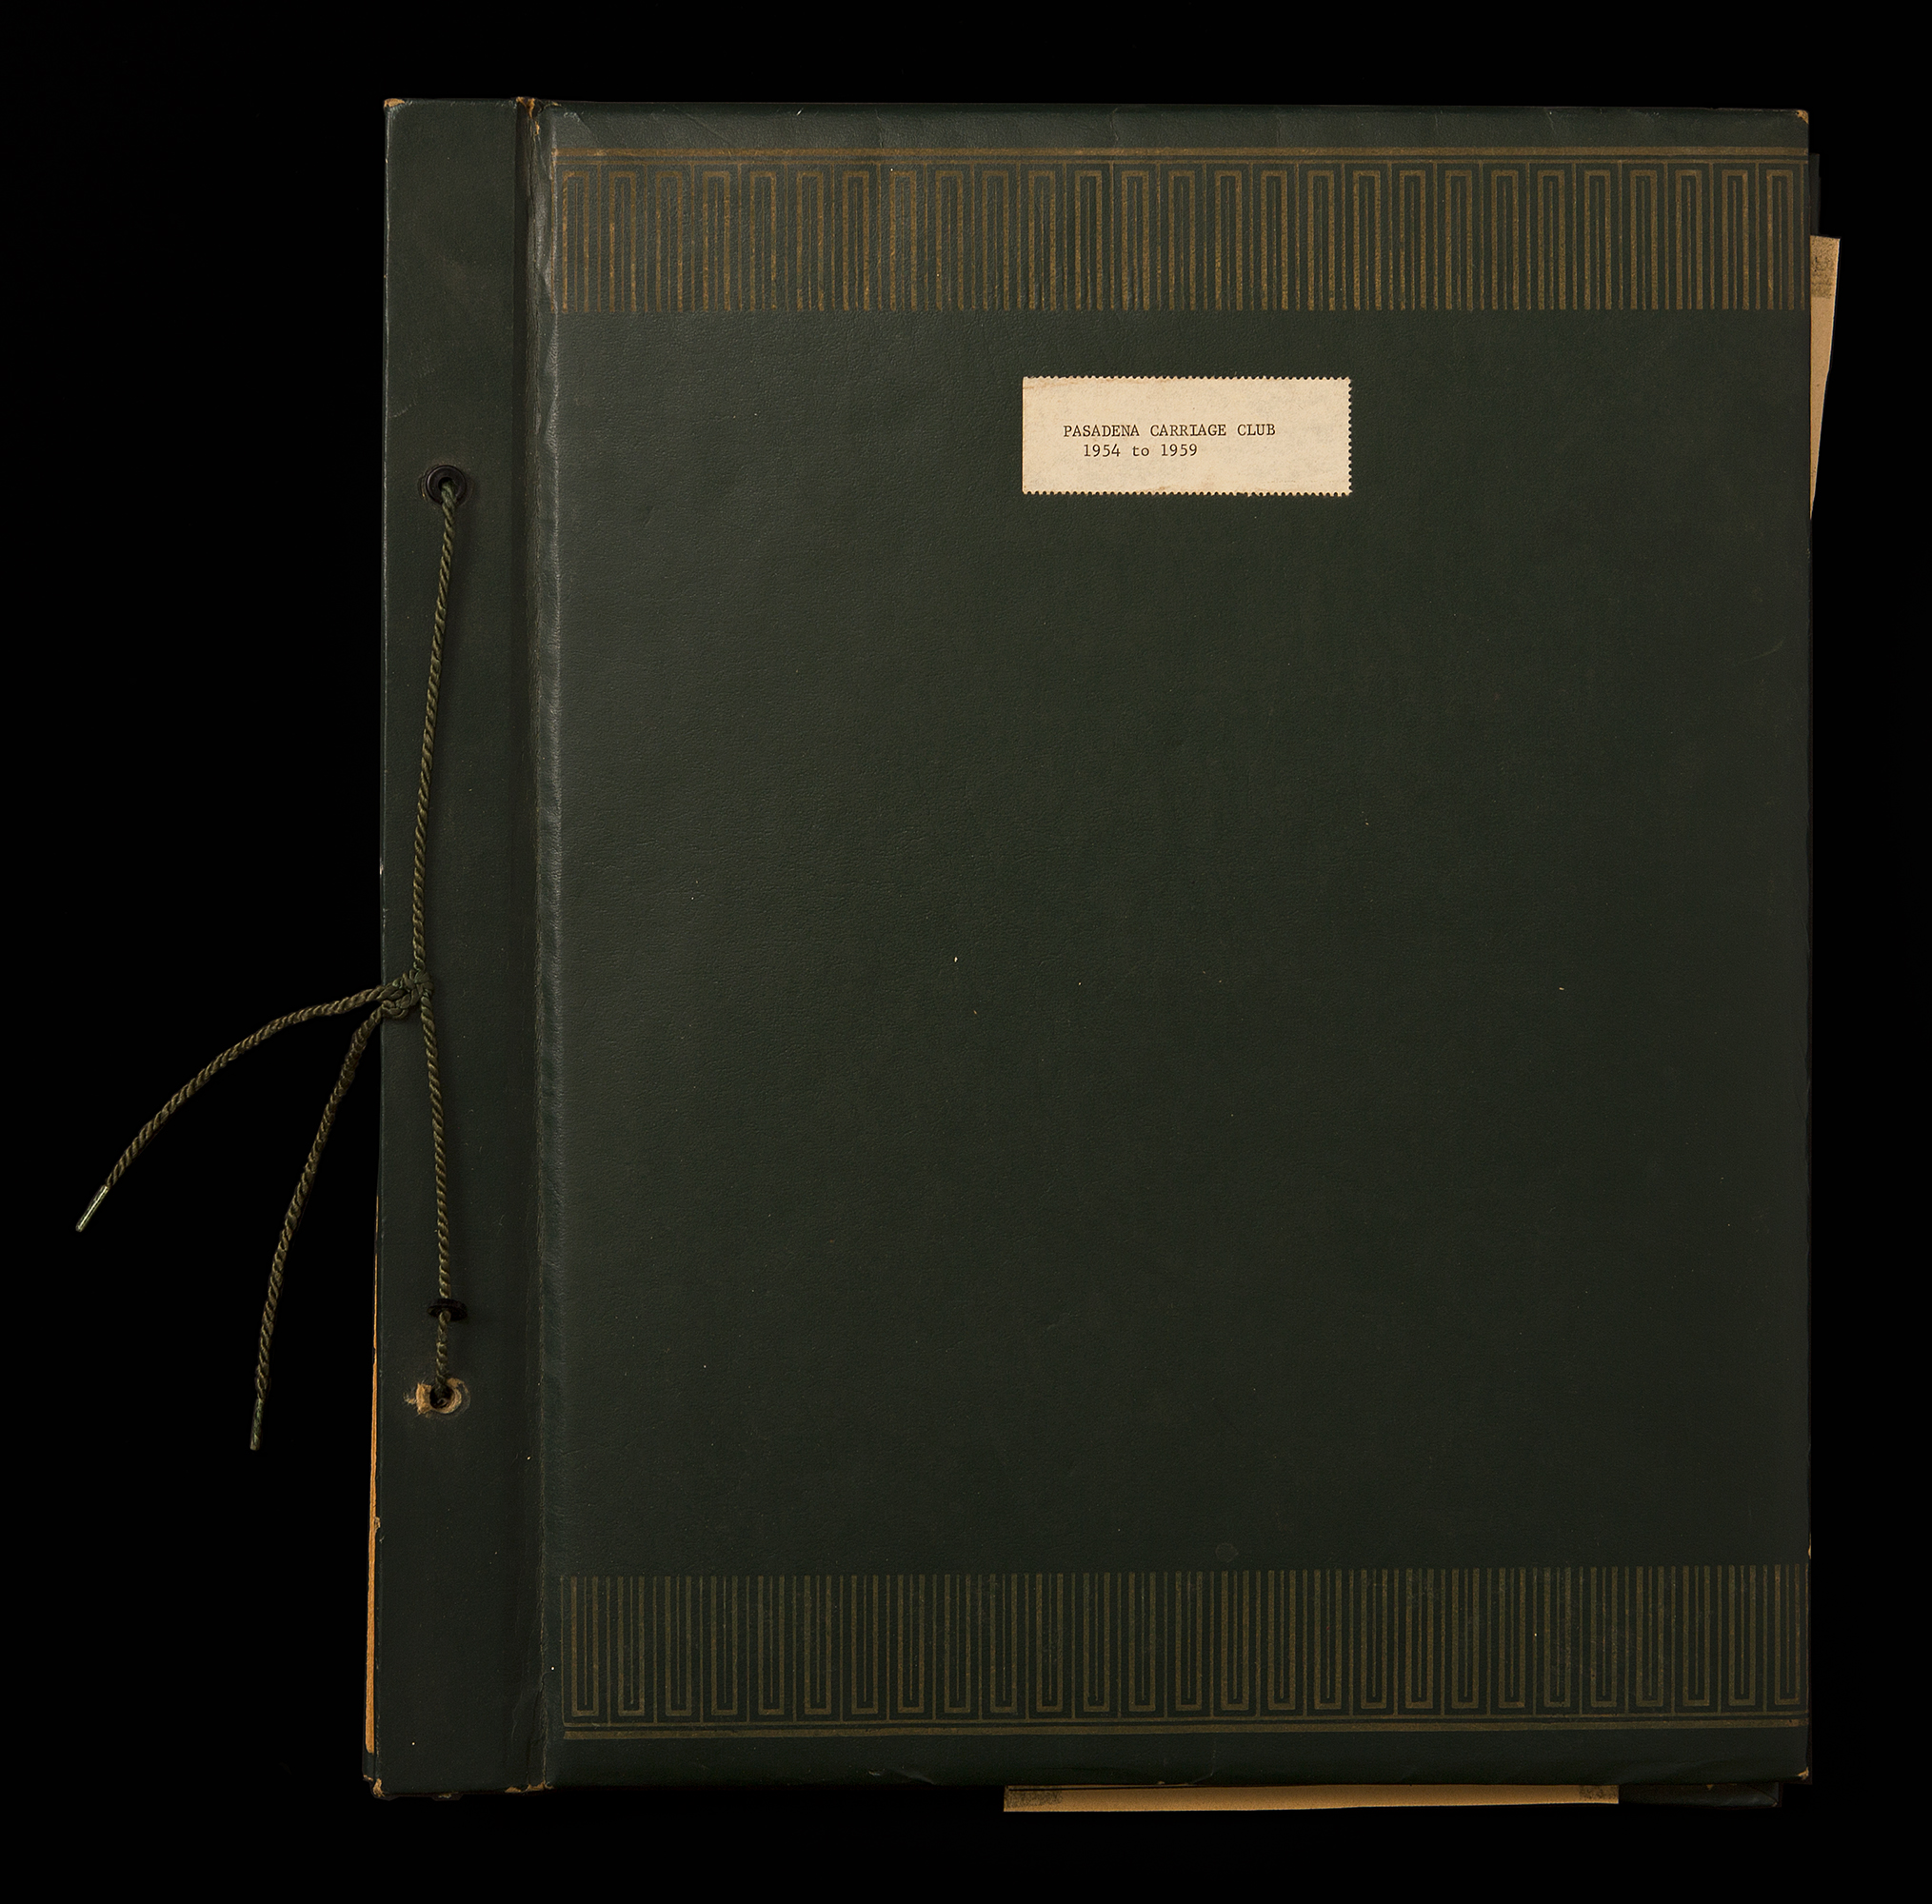 HBVolunteerScrapbook_Cover_B0721_1954-1959.jpg